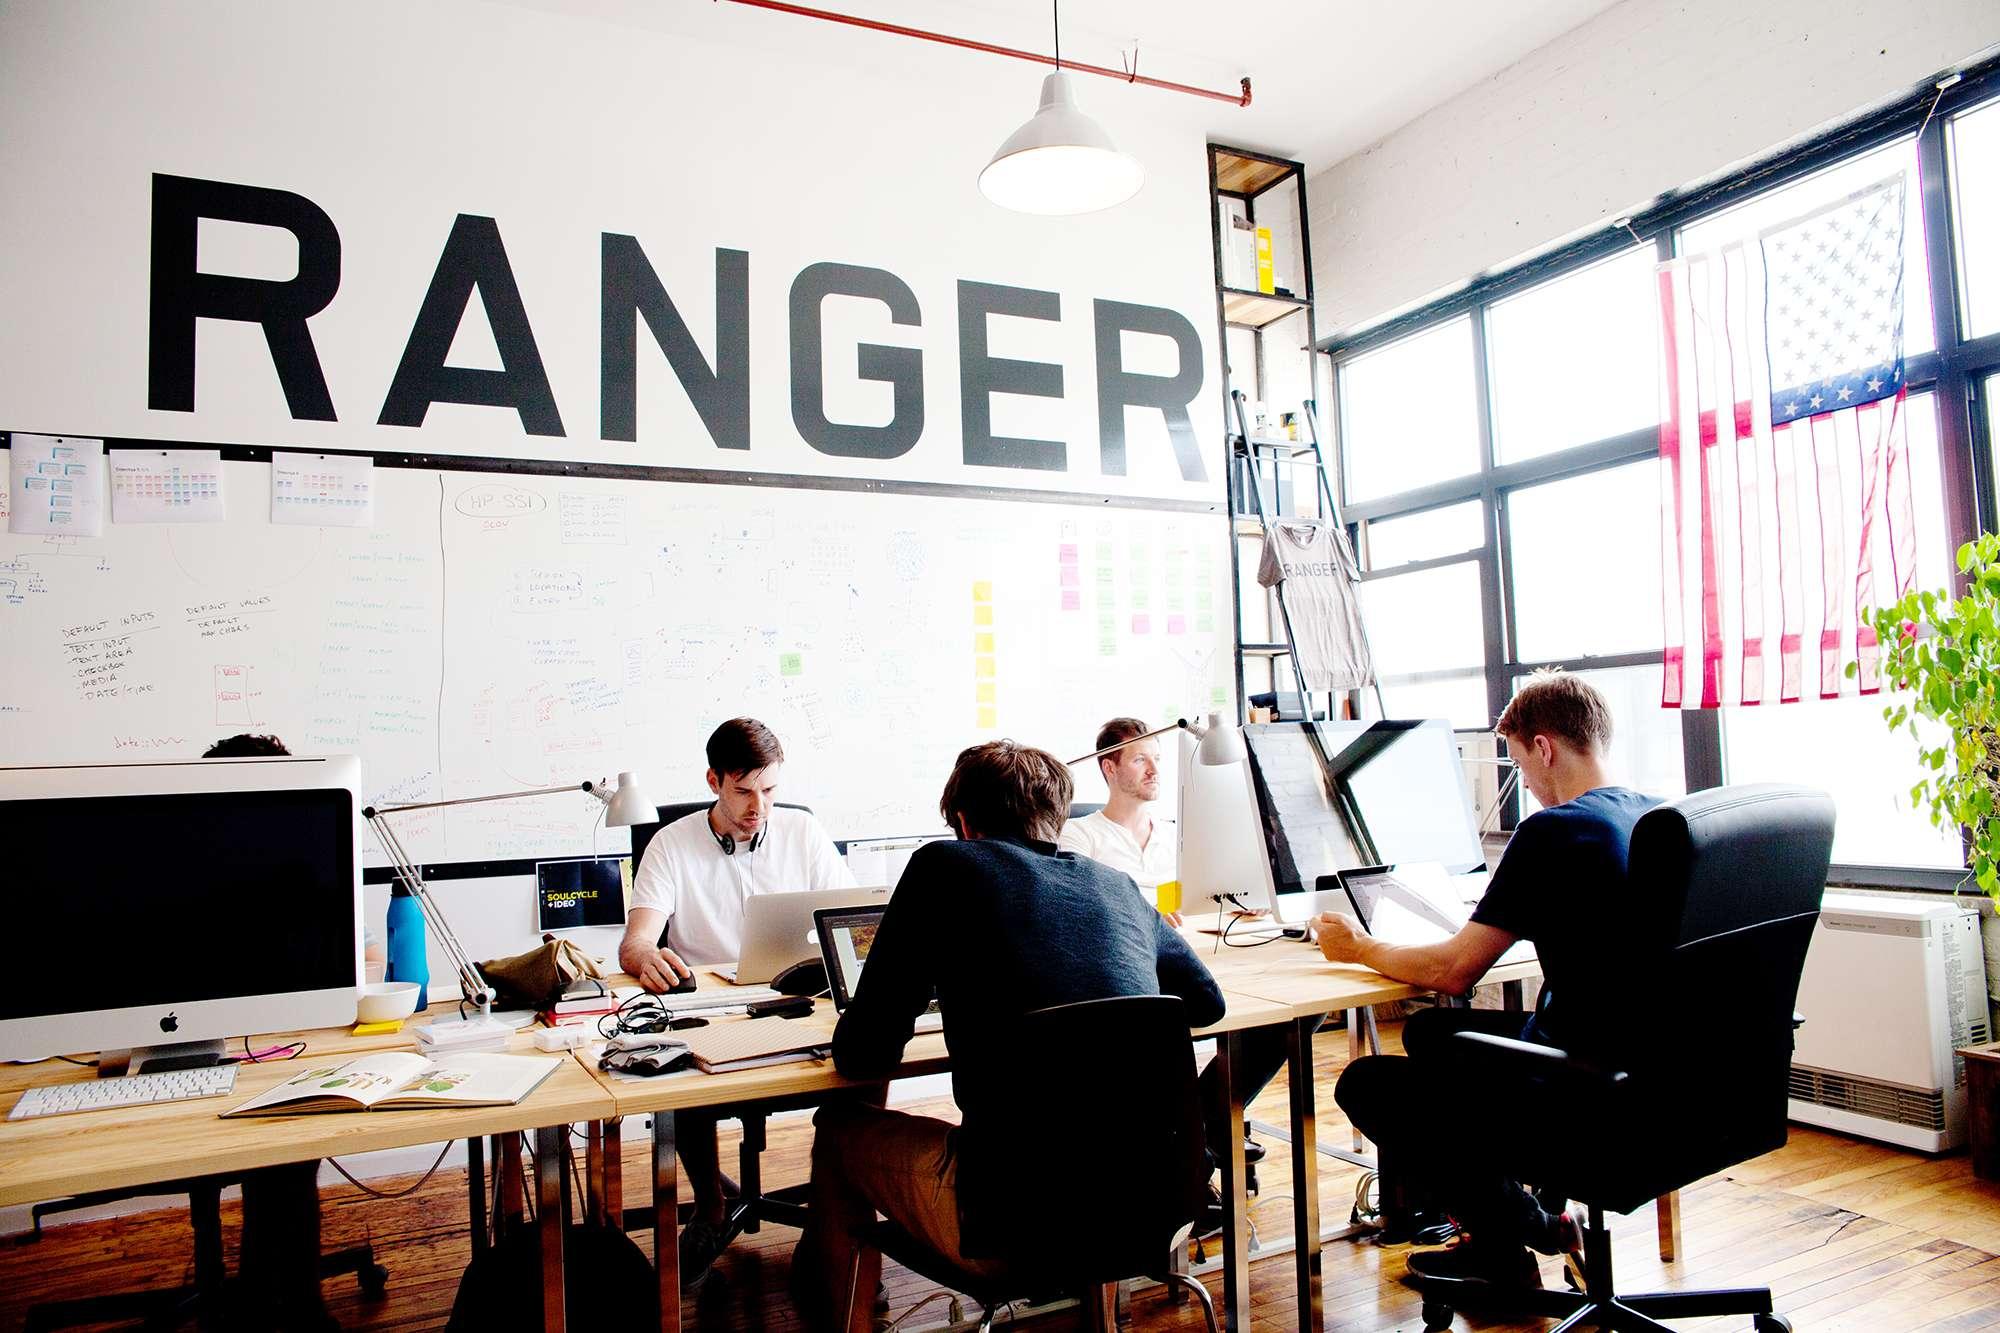 ranger-studio-office-3